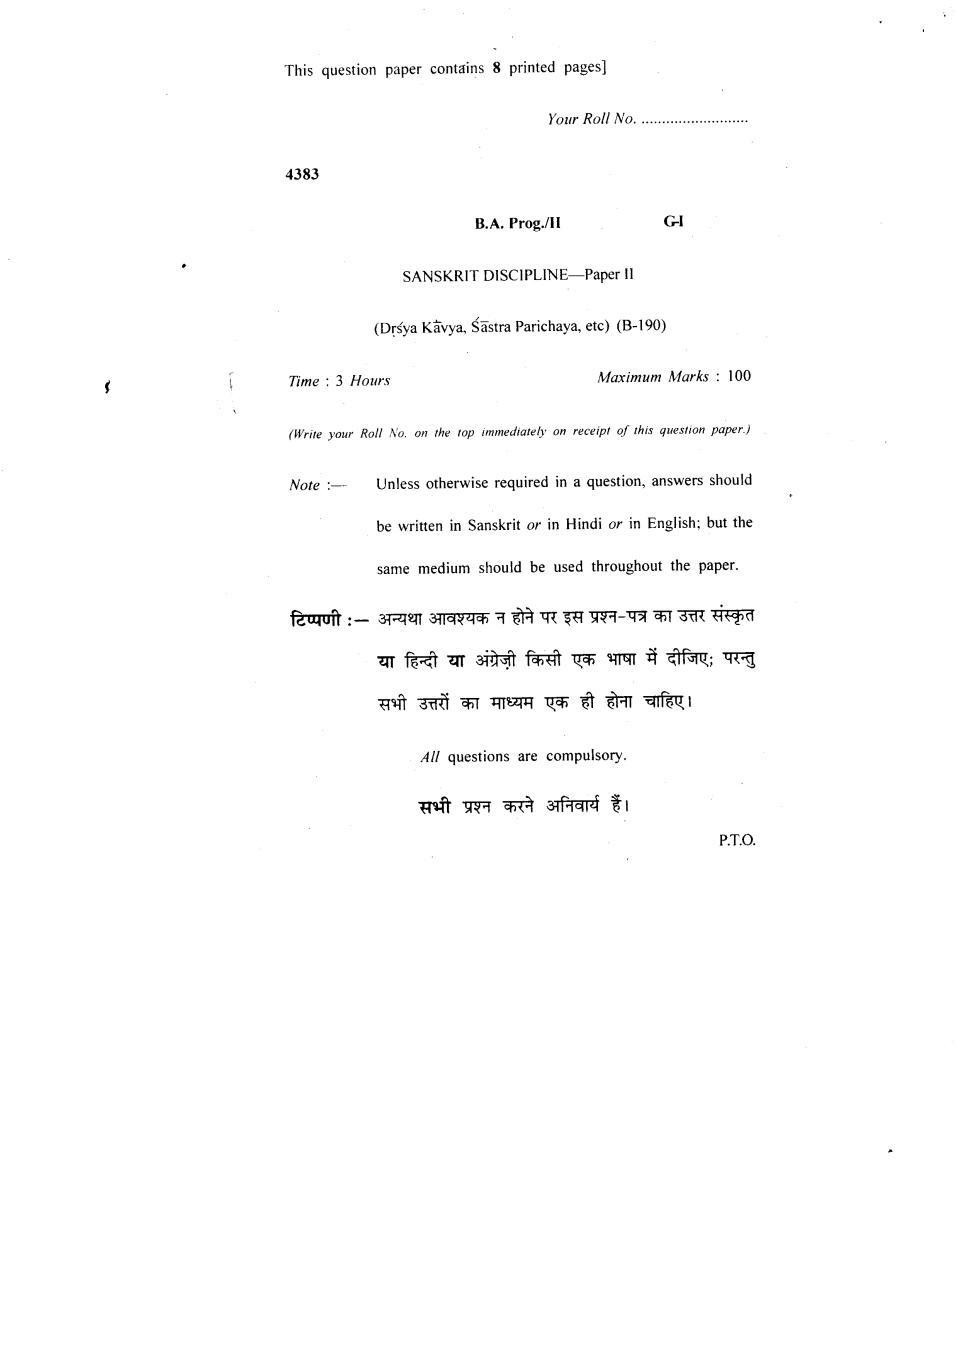 DU SOL Question Paper 2018 BA Sanskrit - Page 1